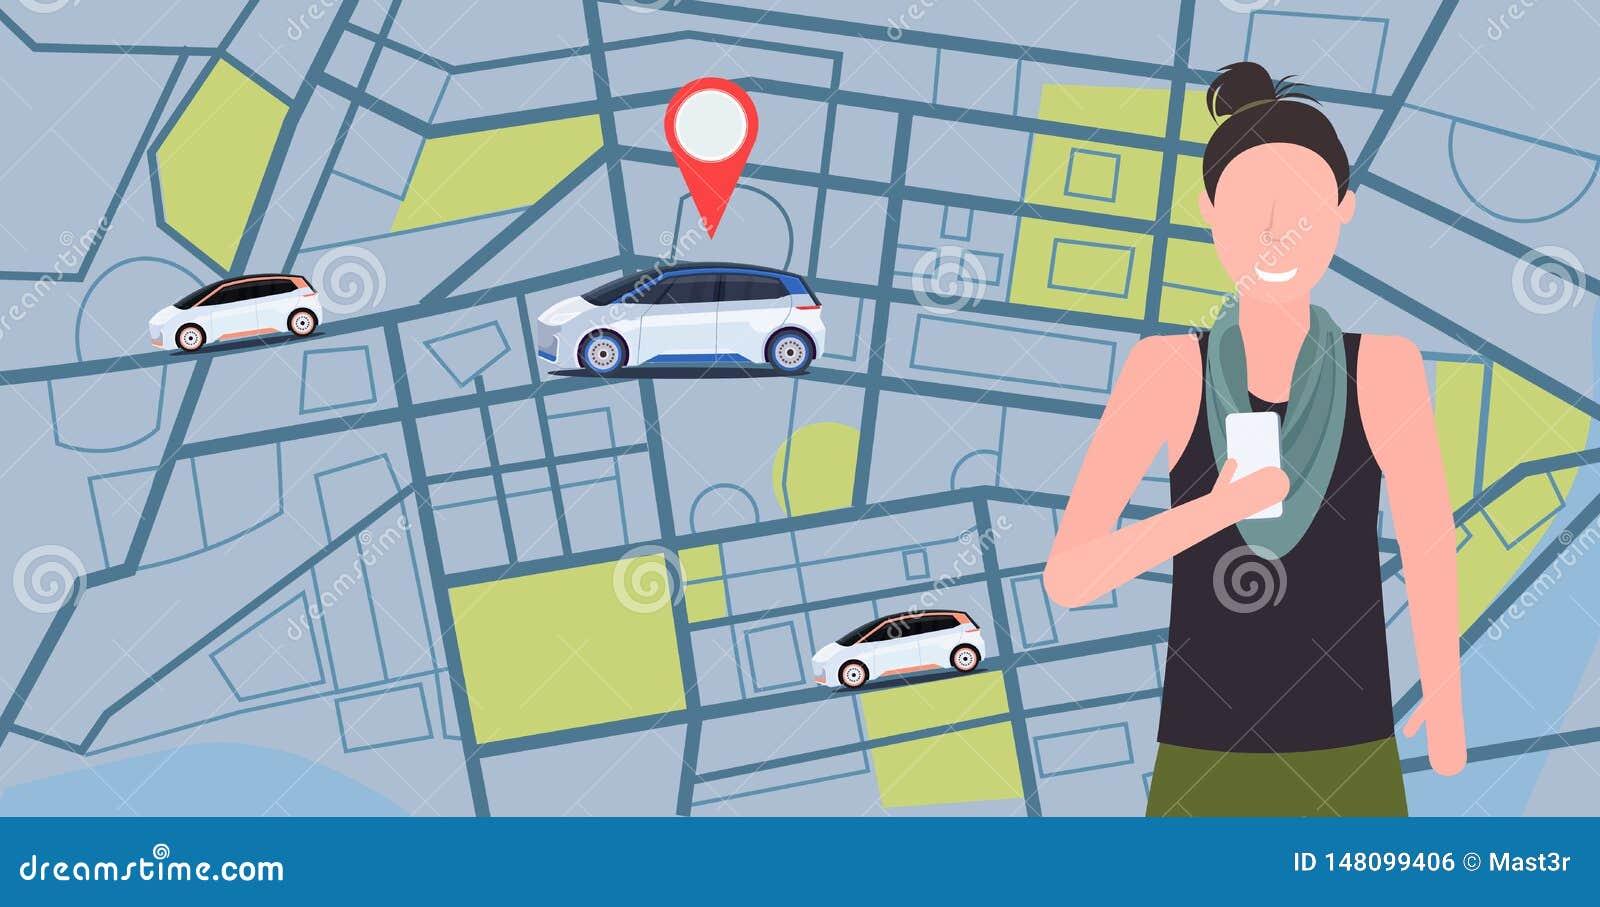 Mulher que usa o ve?culo pedindo do autom?vel do app m?vel com carsharing do transporte do conceito da partilha de carro do alugu